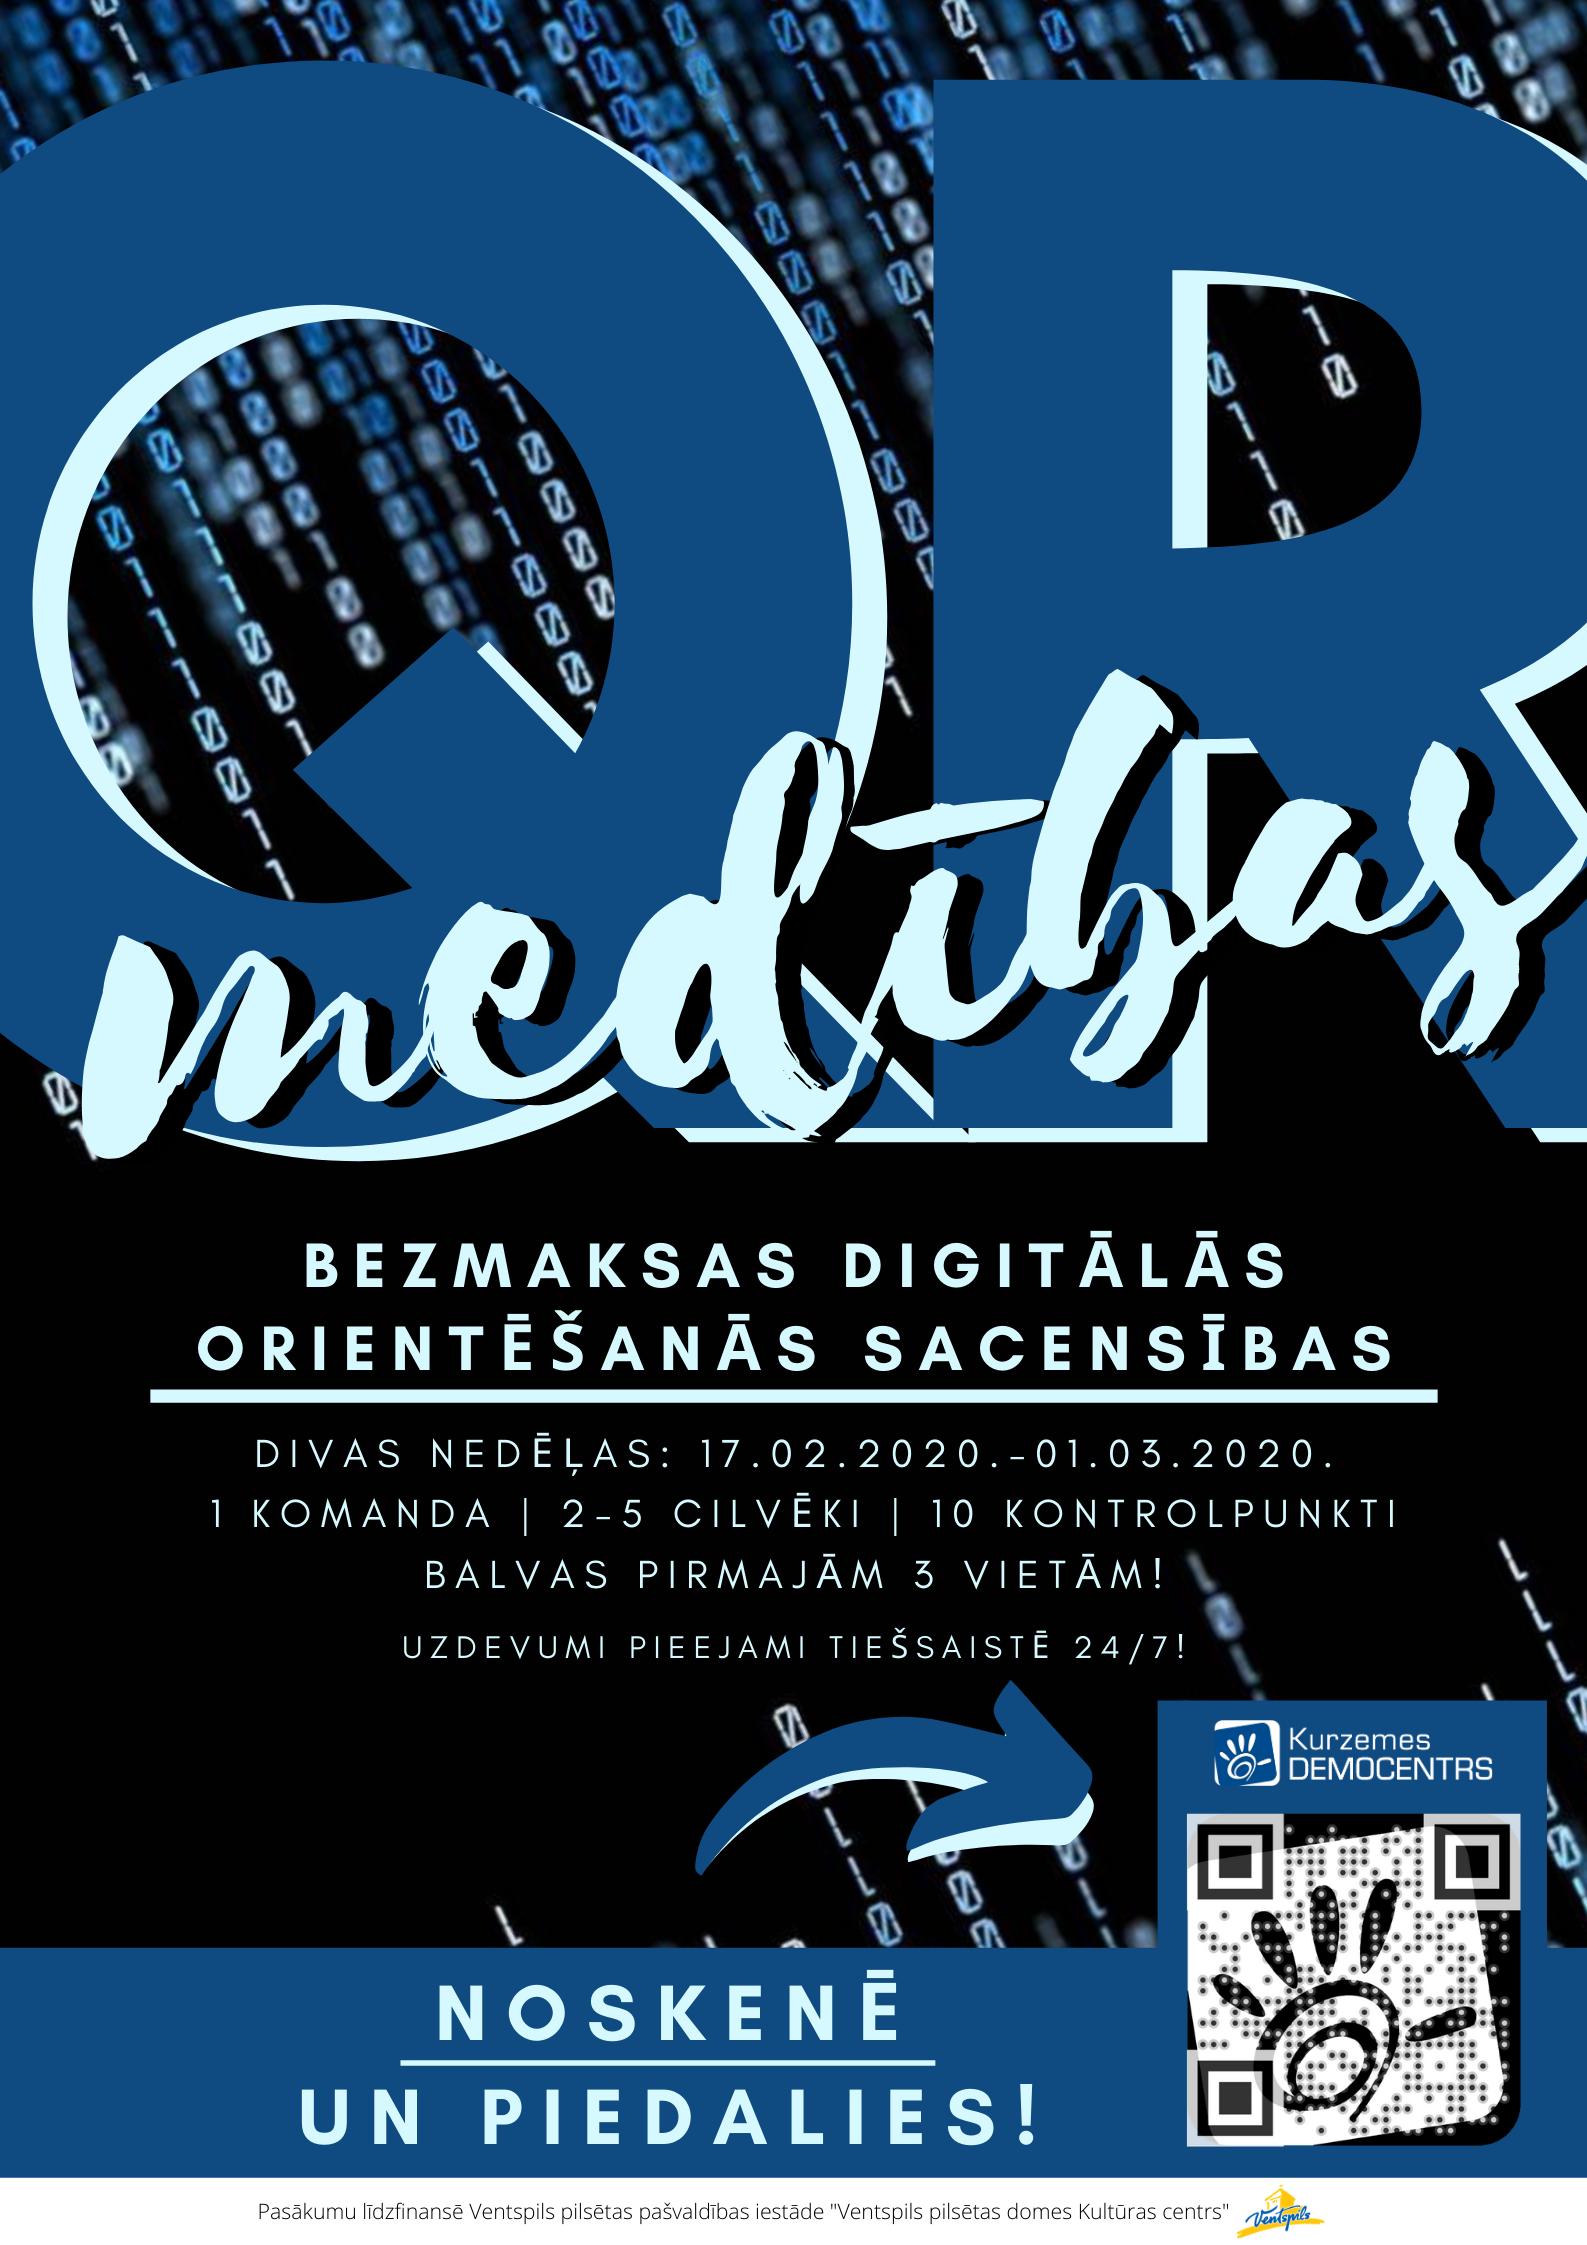 """Divu nedēļu garumā no 17.02. līdz 01.03.2020. norisināsies Zinātnes un tehnoloģiju muzejs """"Kurzemes Democentrs"""" organizētās """"QR digitālās medības"""", kurās dalībniekiem būs jāmeklē 10 dažādās mājaslapās izvietoti QR kodi, tādējādi apgūstot […]"""